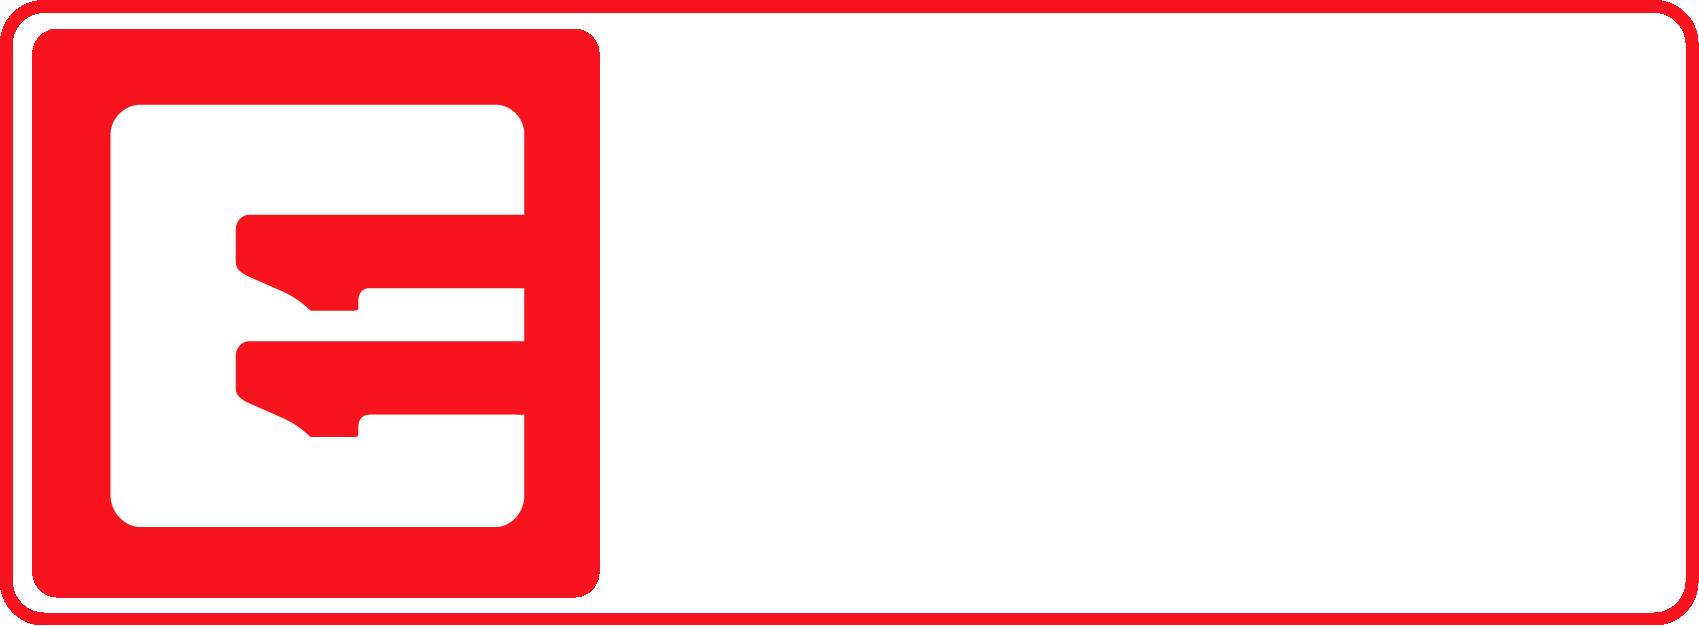 tos.elevensports.pt